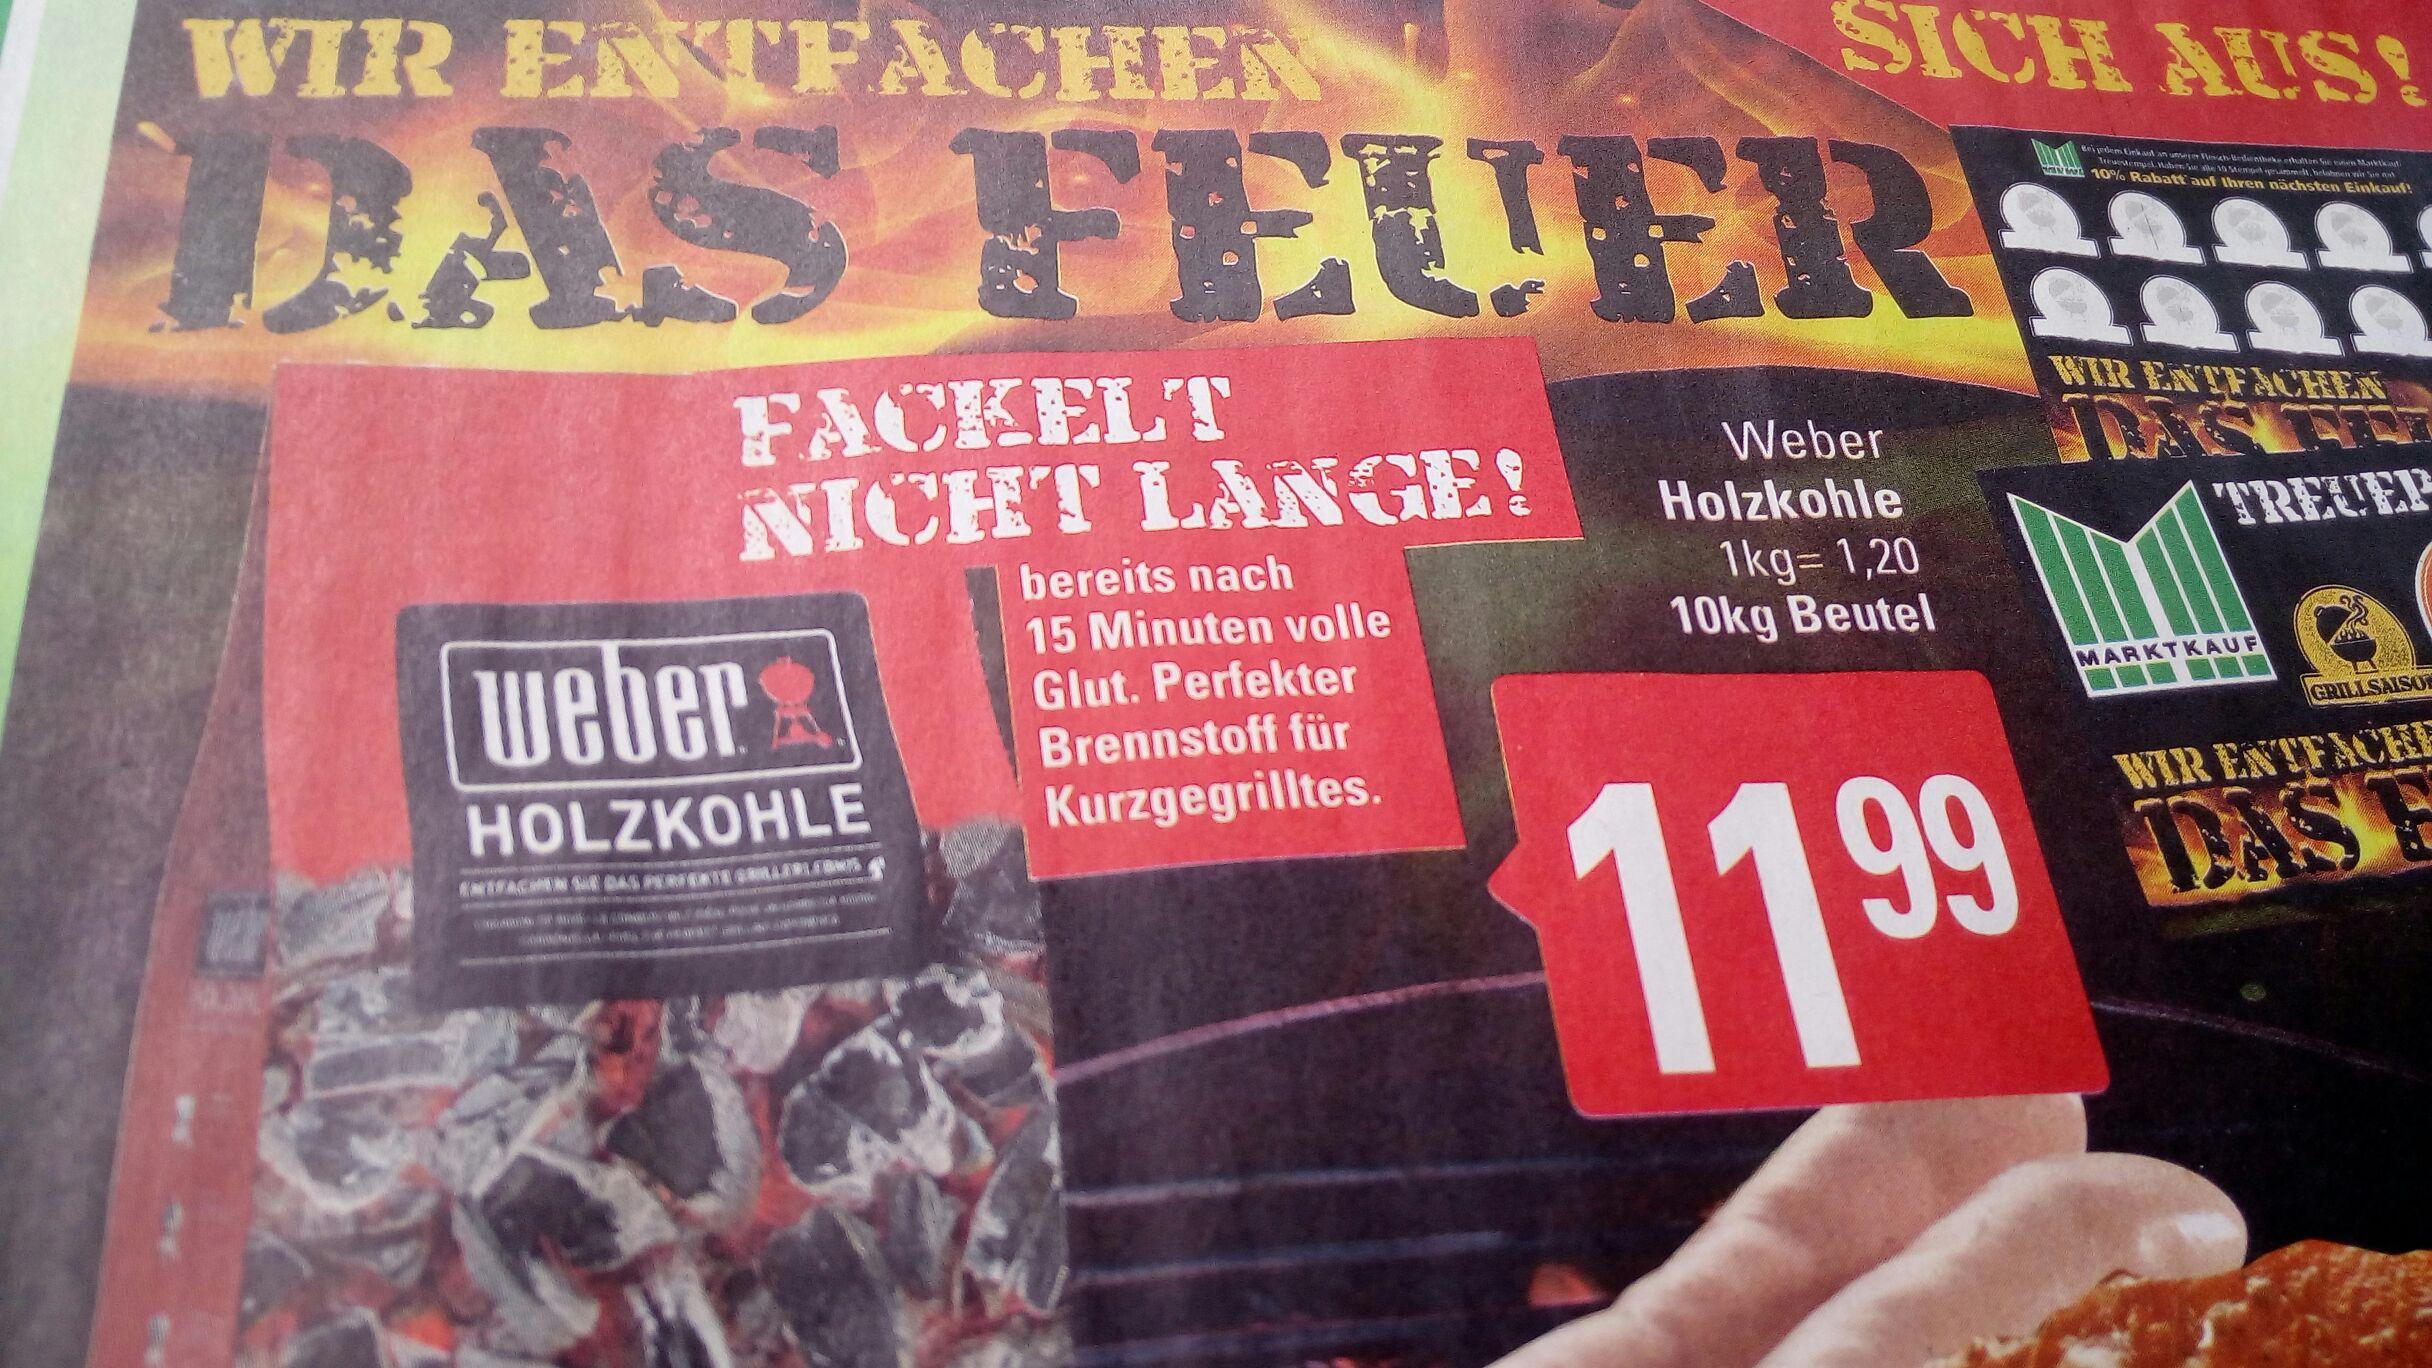 [Marktkauf Herford evtl. Bundesweit] Weber Holzkohle 10Kg